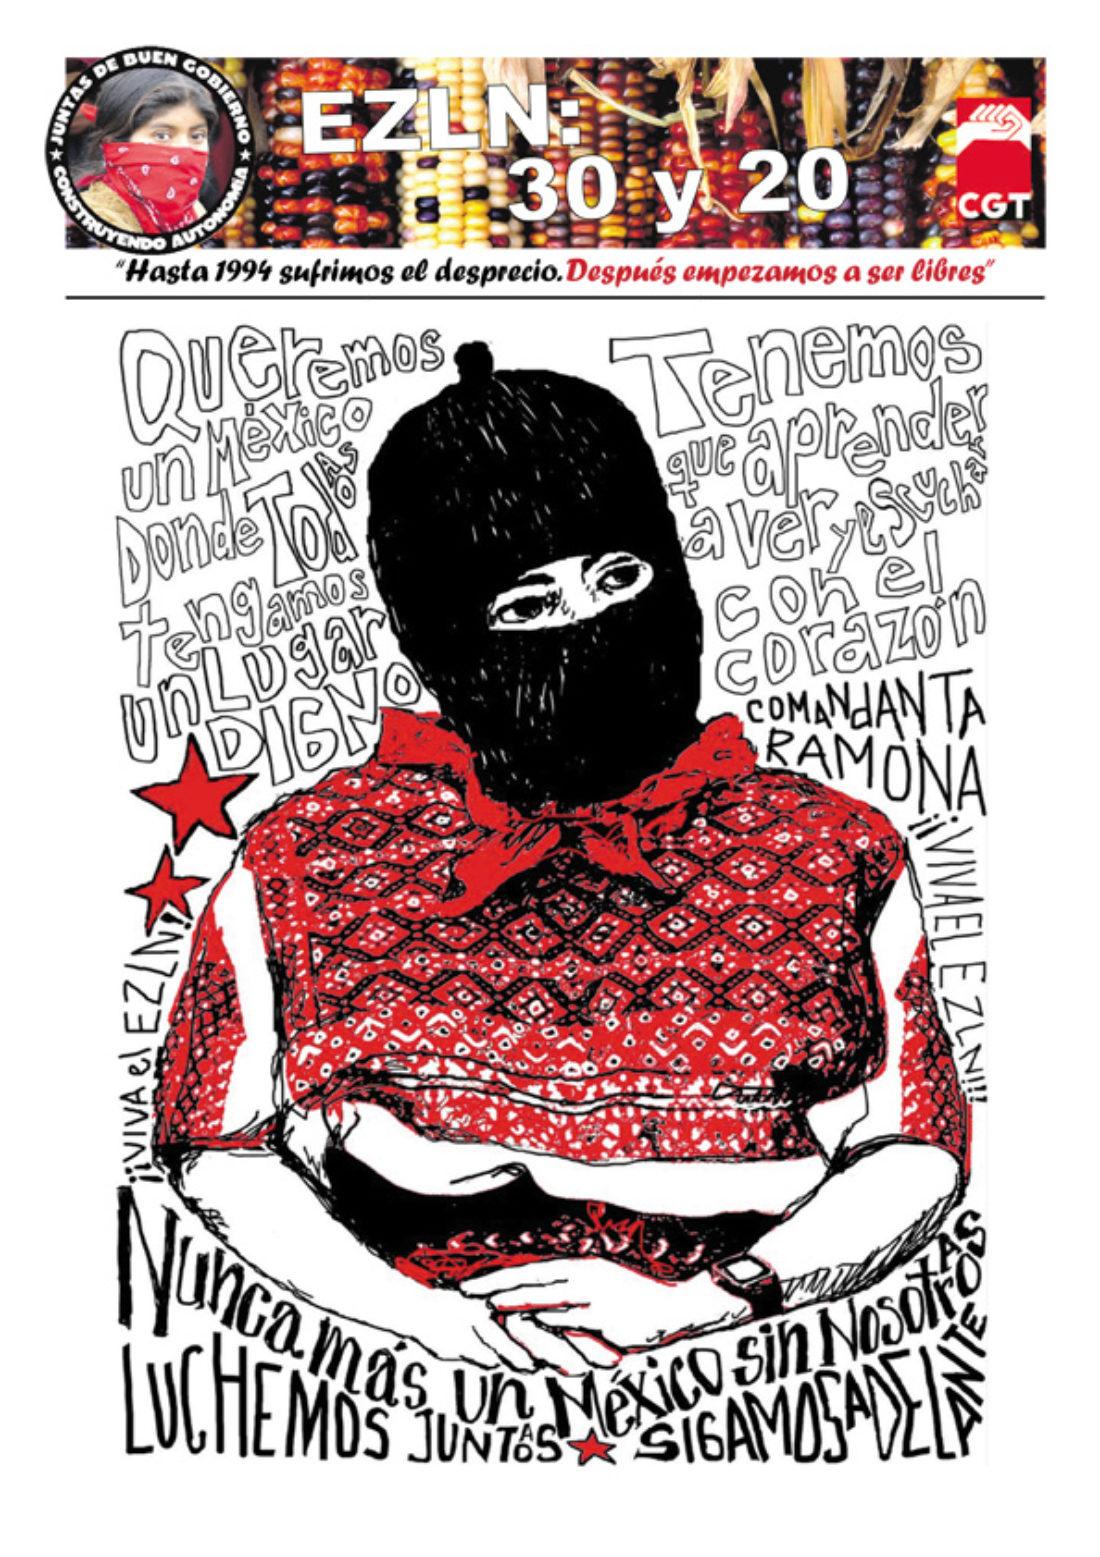 EZLN: 30 y 20 – febrero 2014